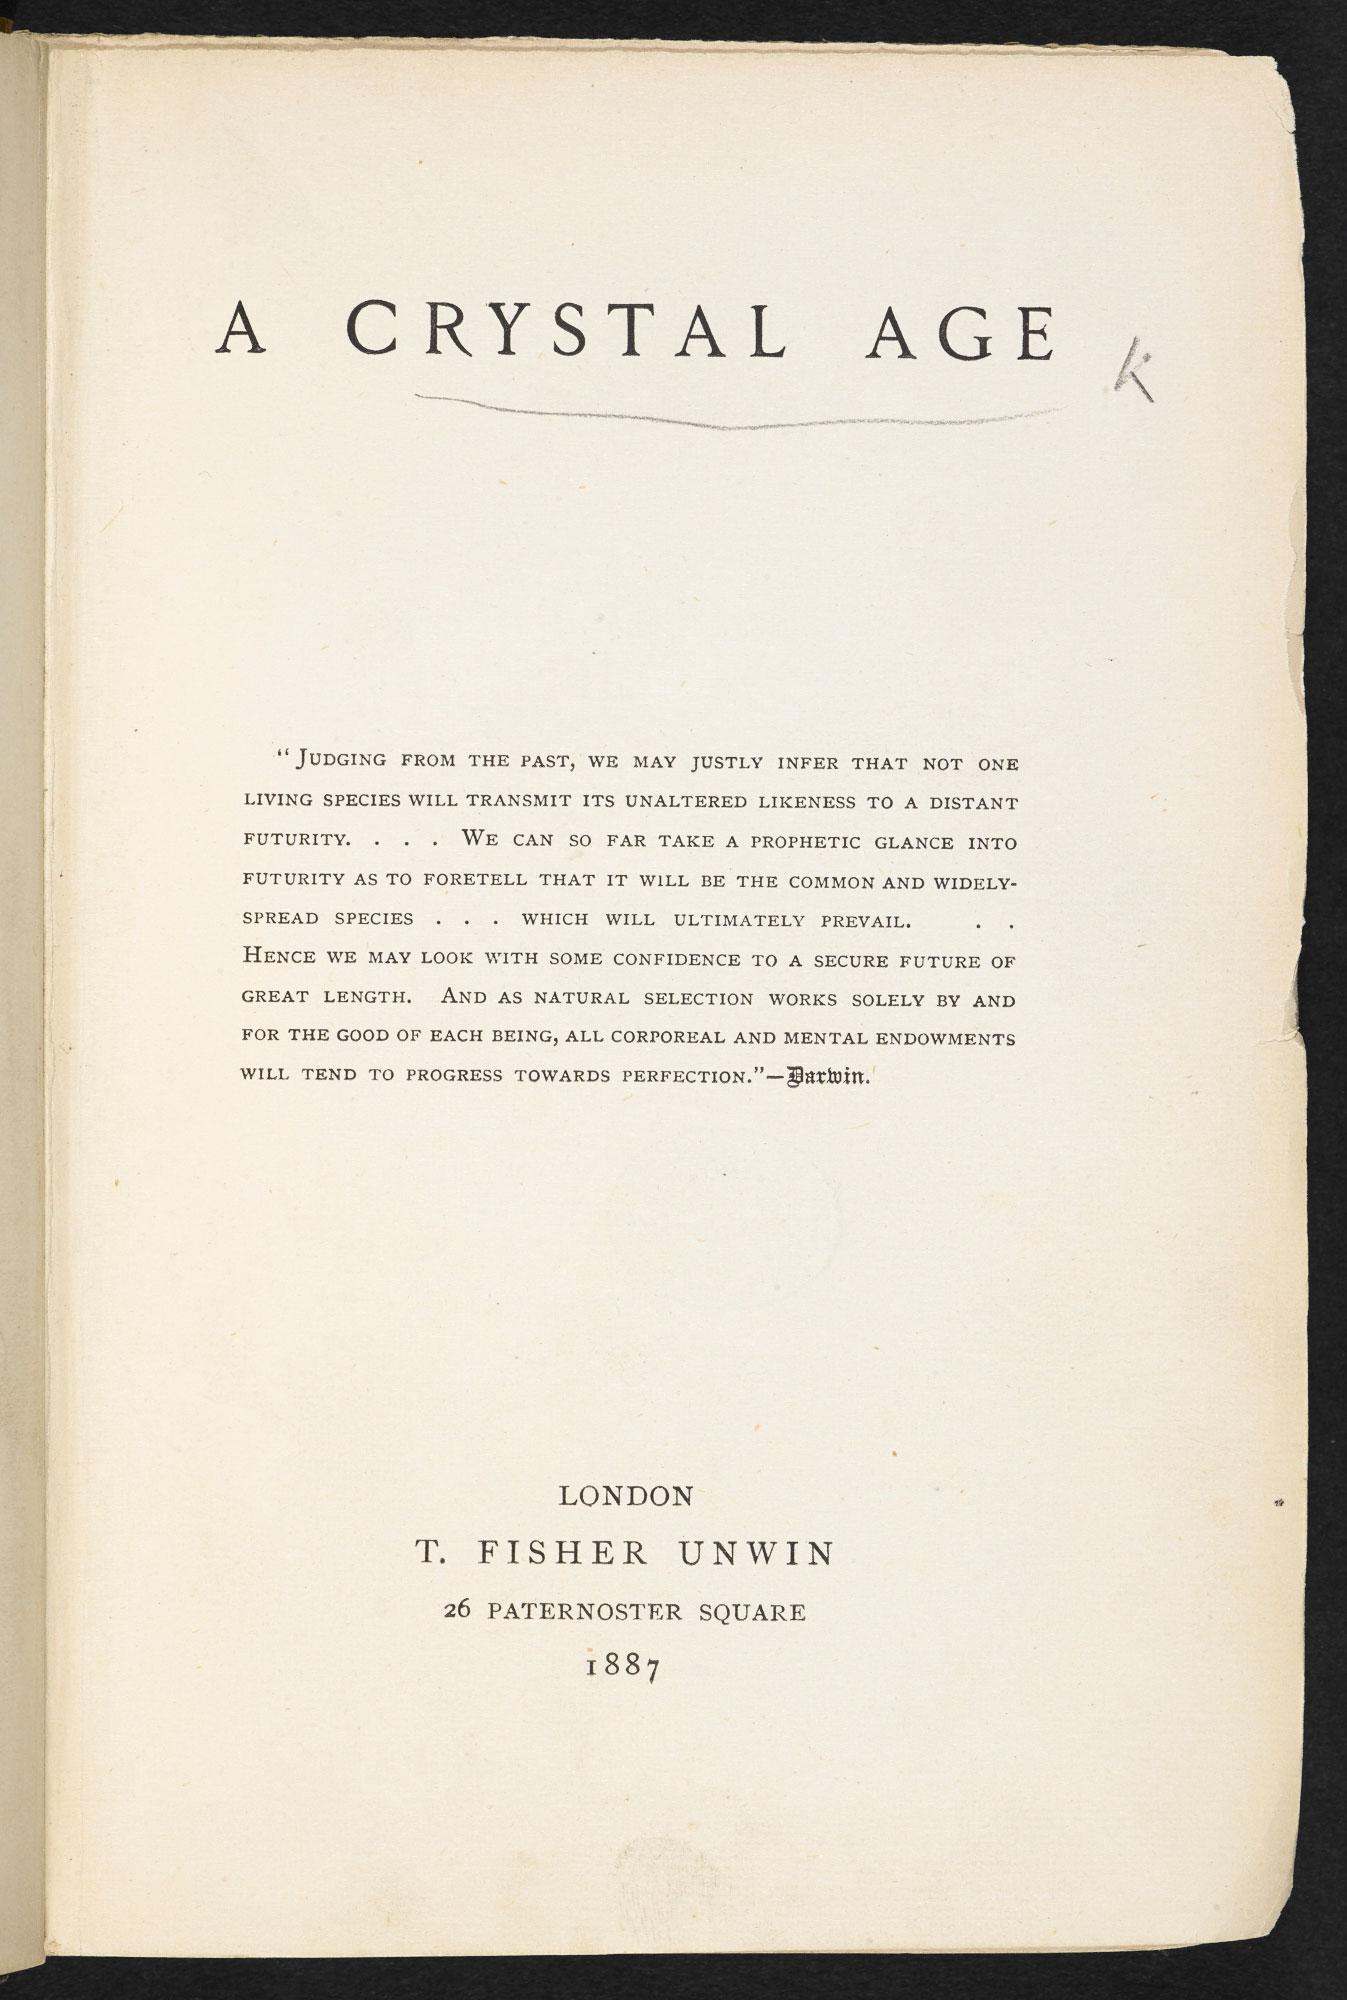 A Crystal Age, a utopian novel